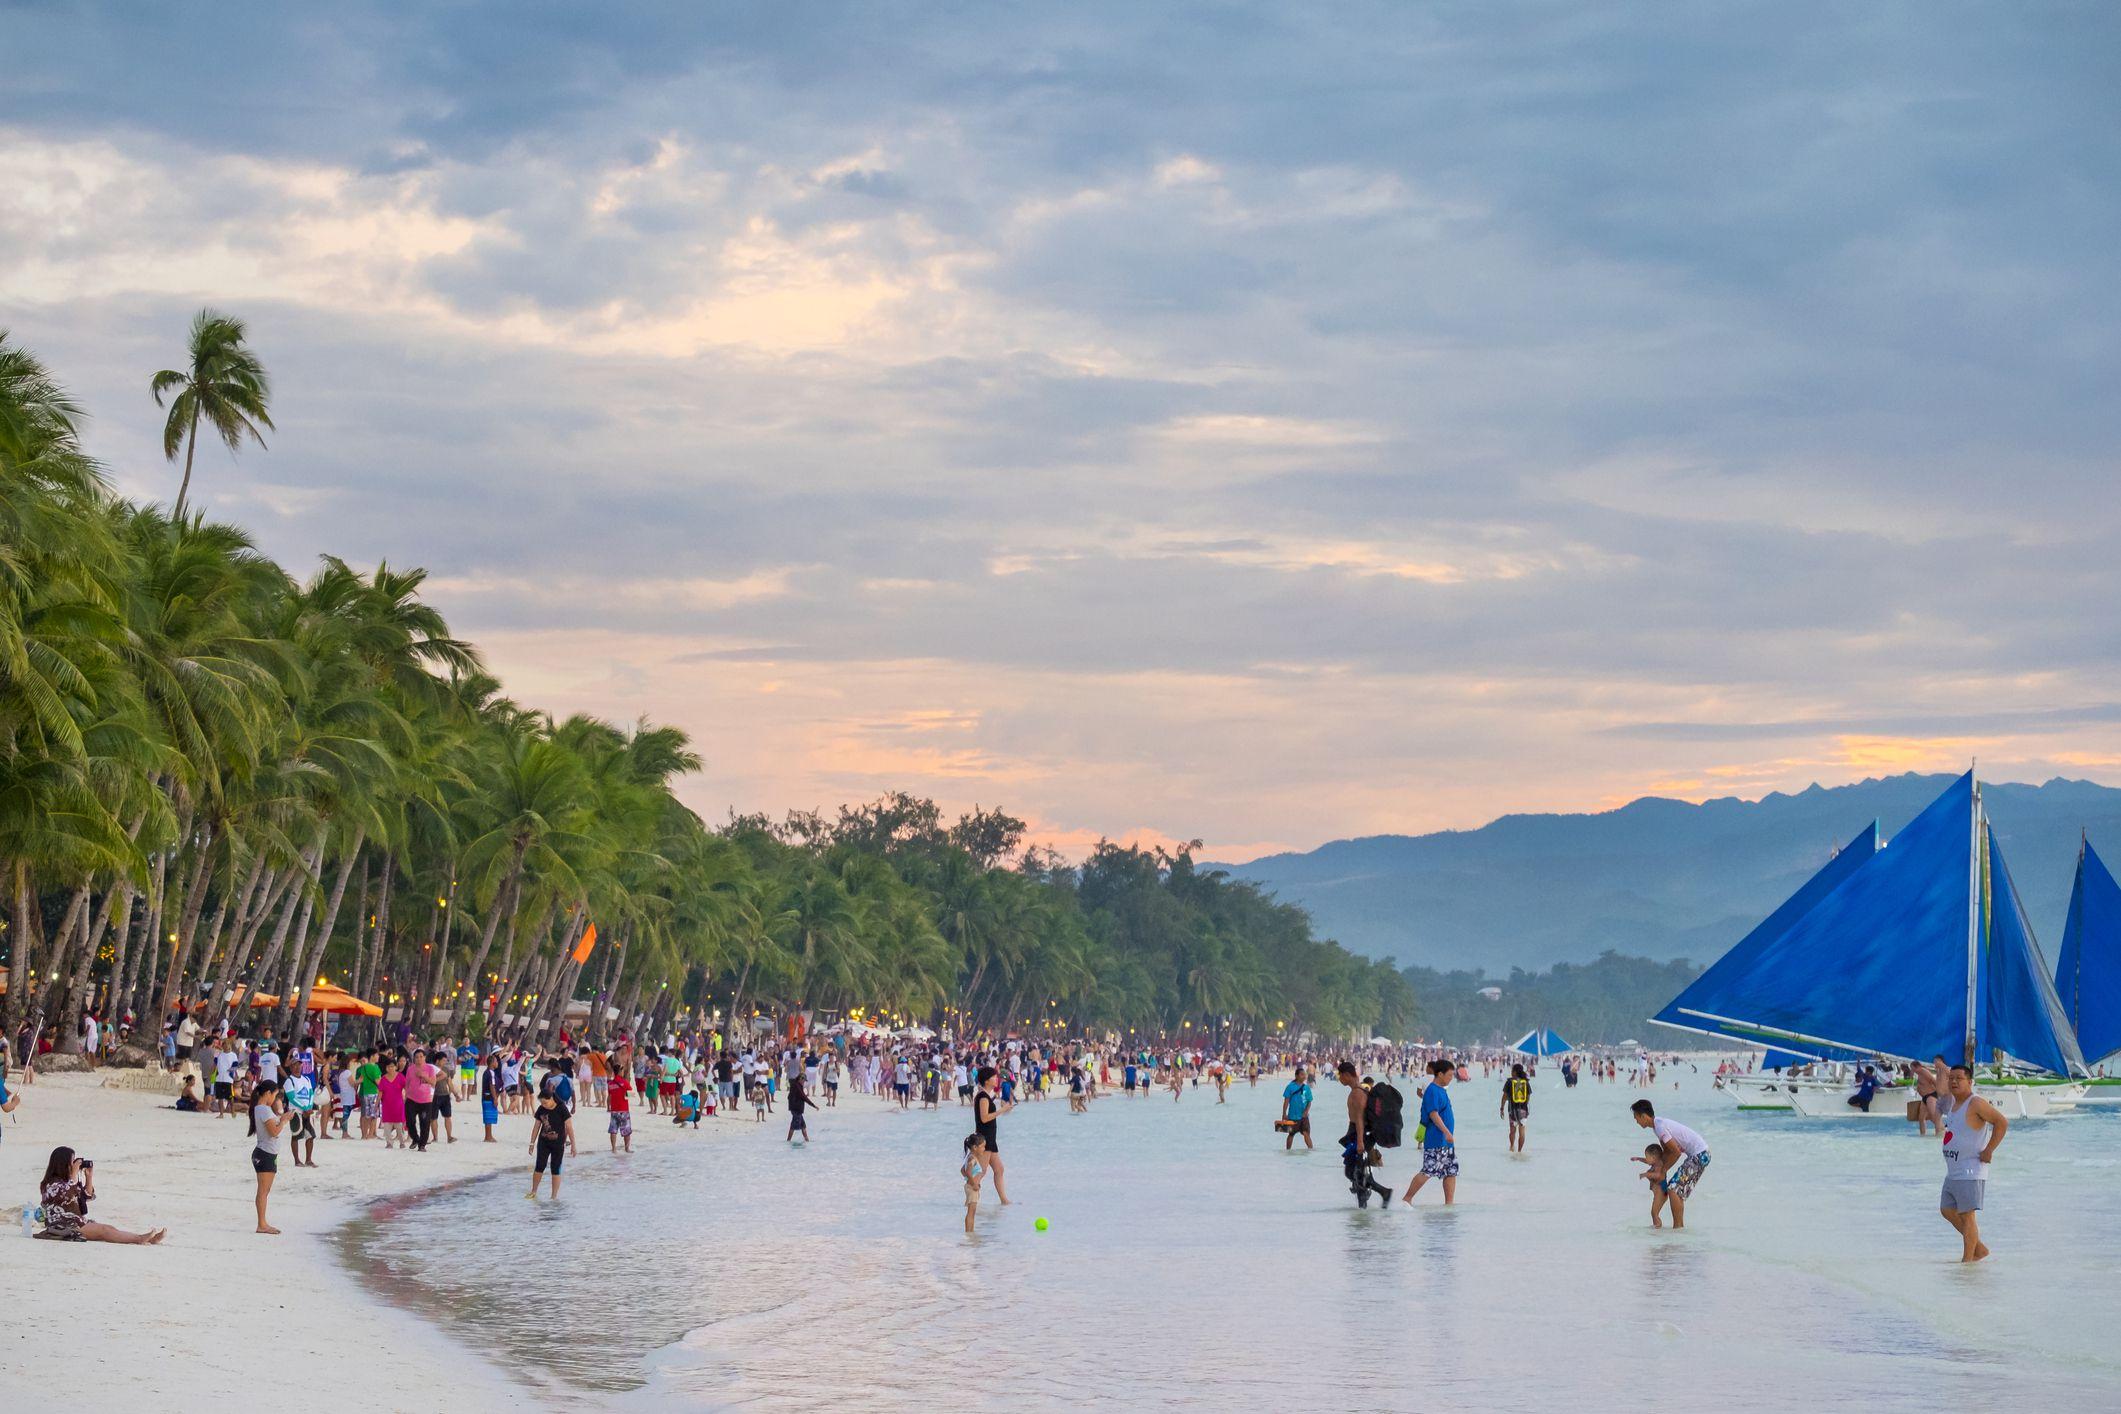 Фото отдыха на Филиппинах